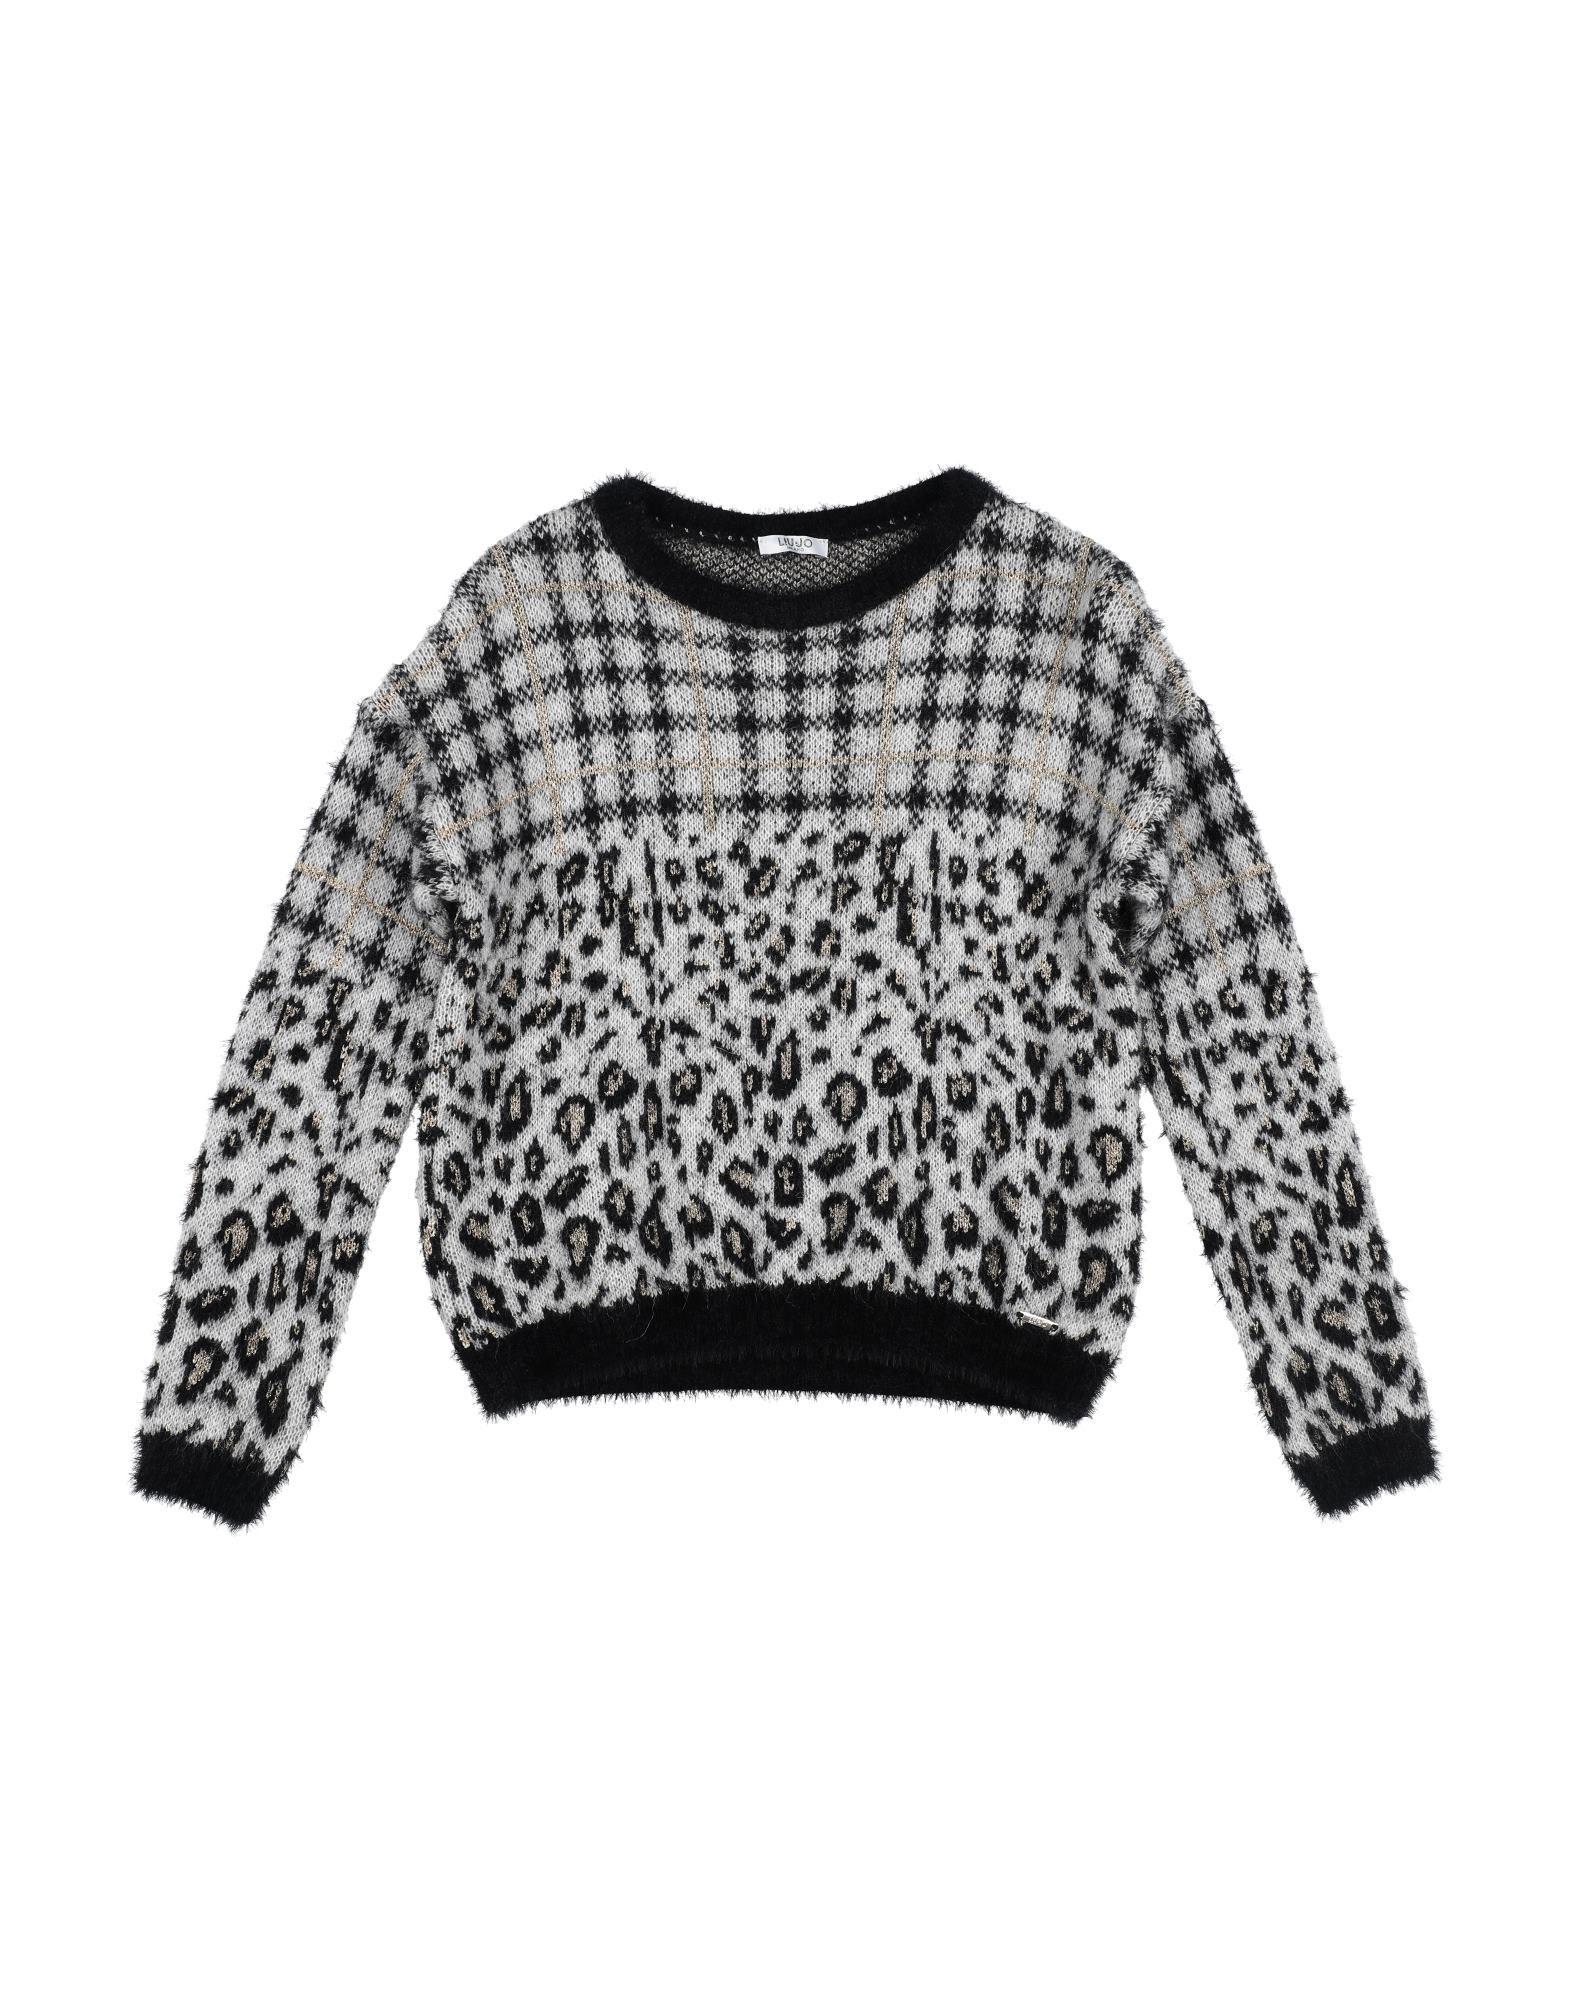 LIU JO Sweaters - Item 14129922